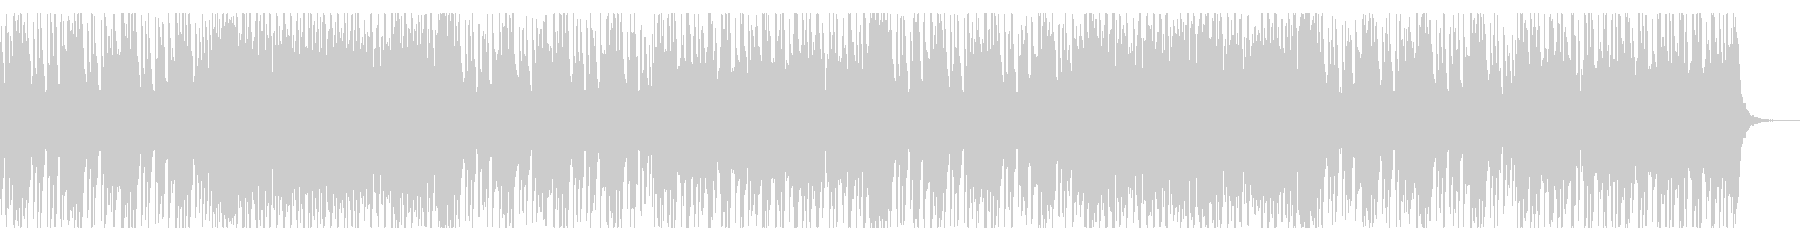 Spooky80Drumの未再生の波形